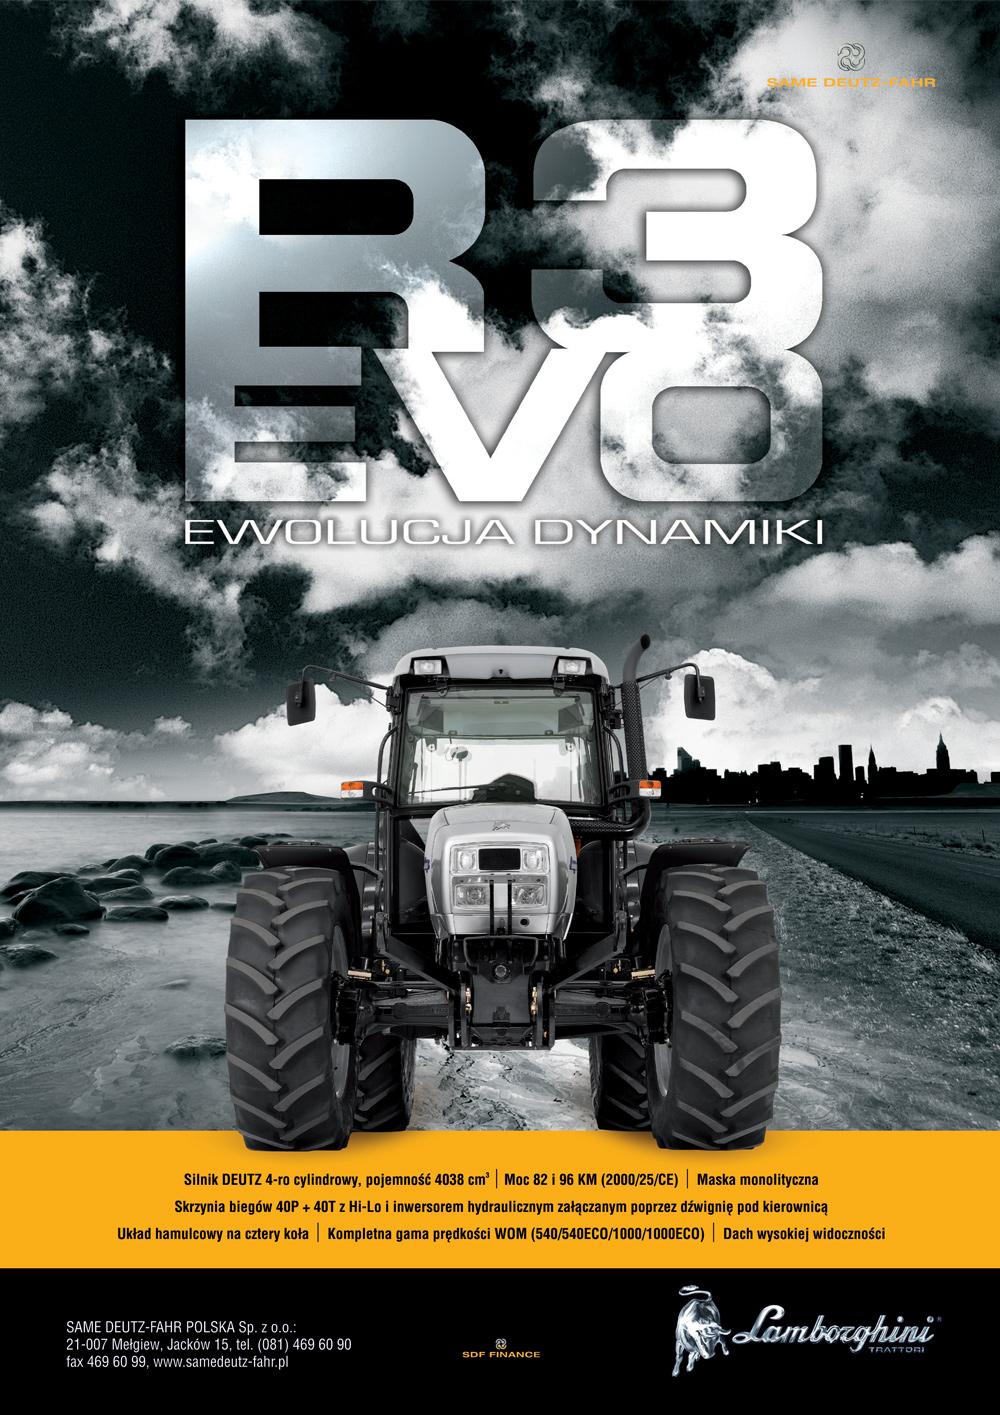 lamborgini-evo-r3